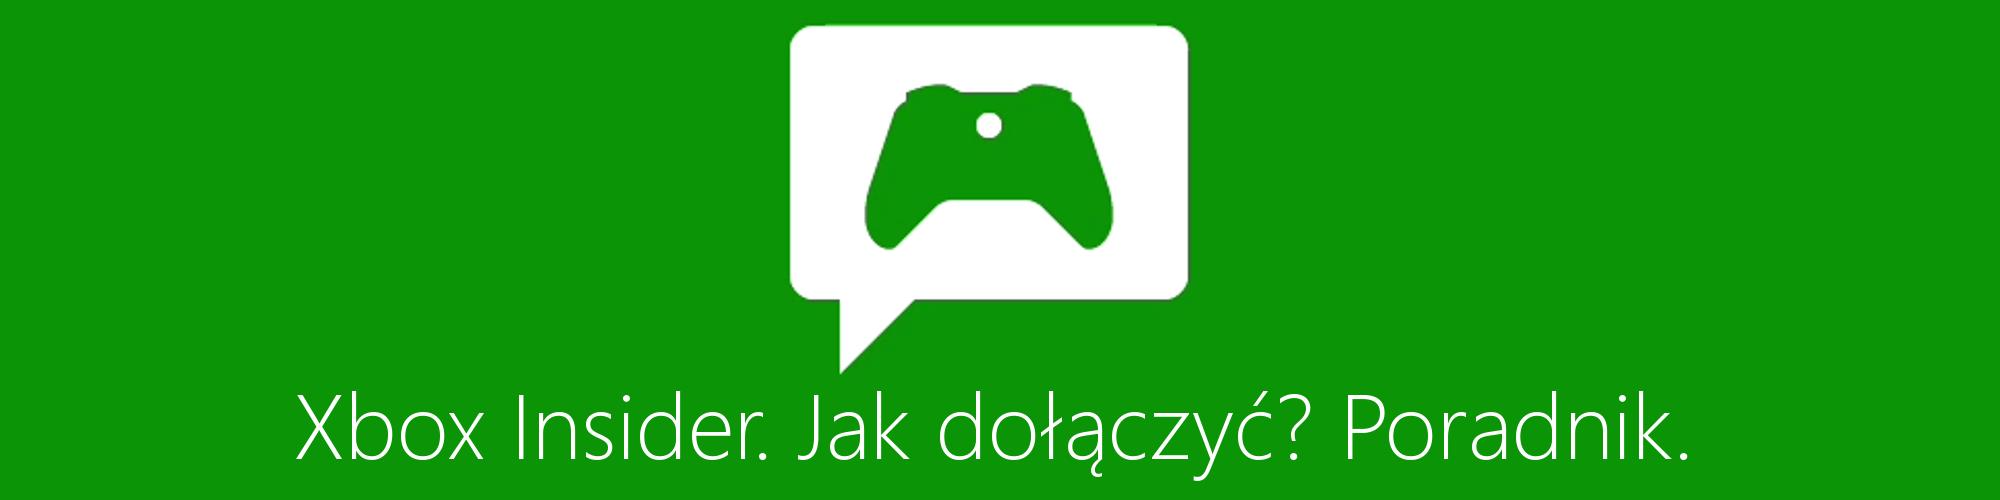 Xbox Insider. Jak dołączyć. Poradnik